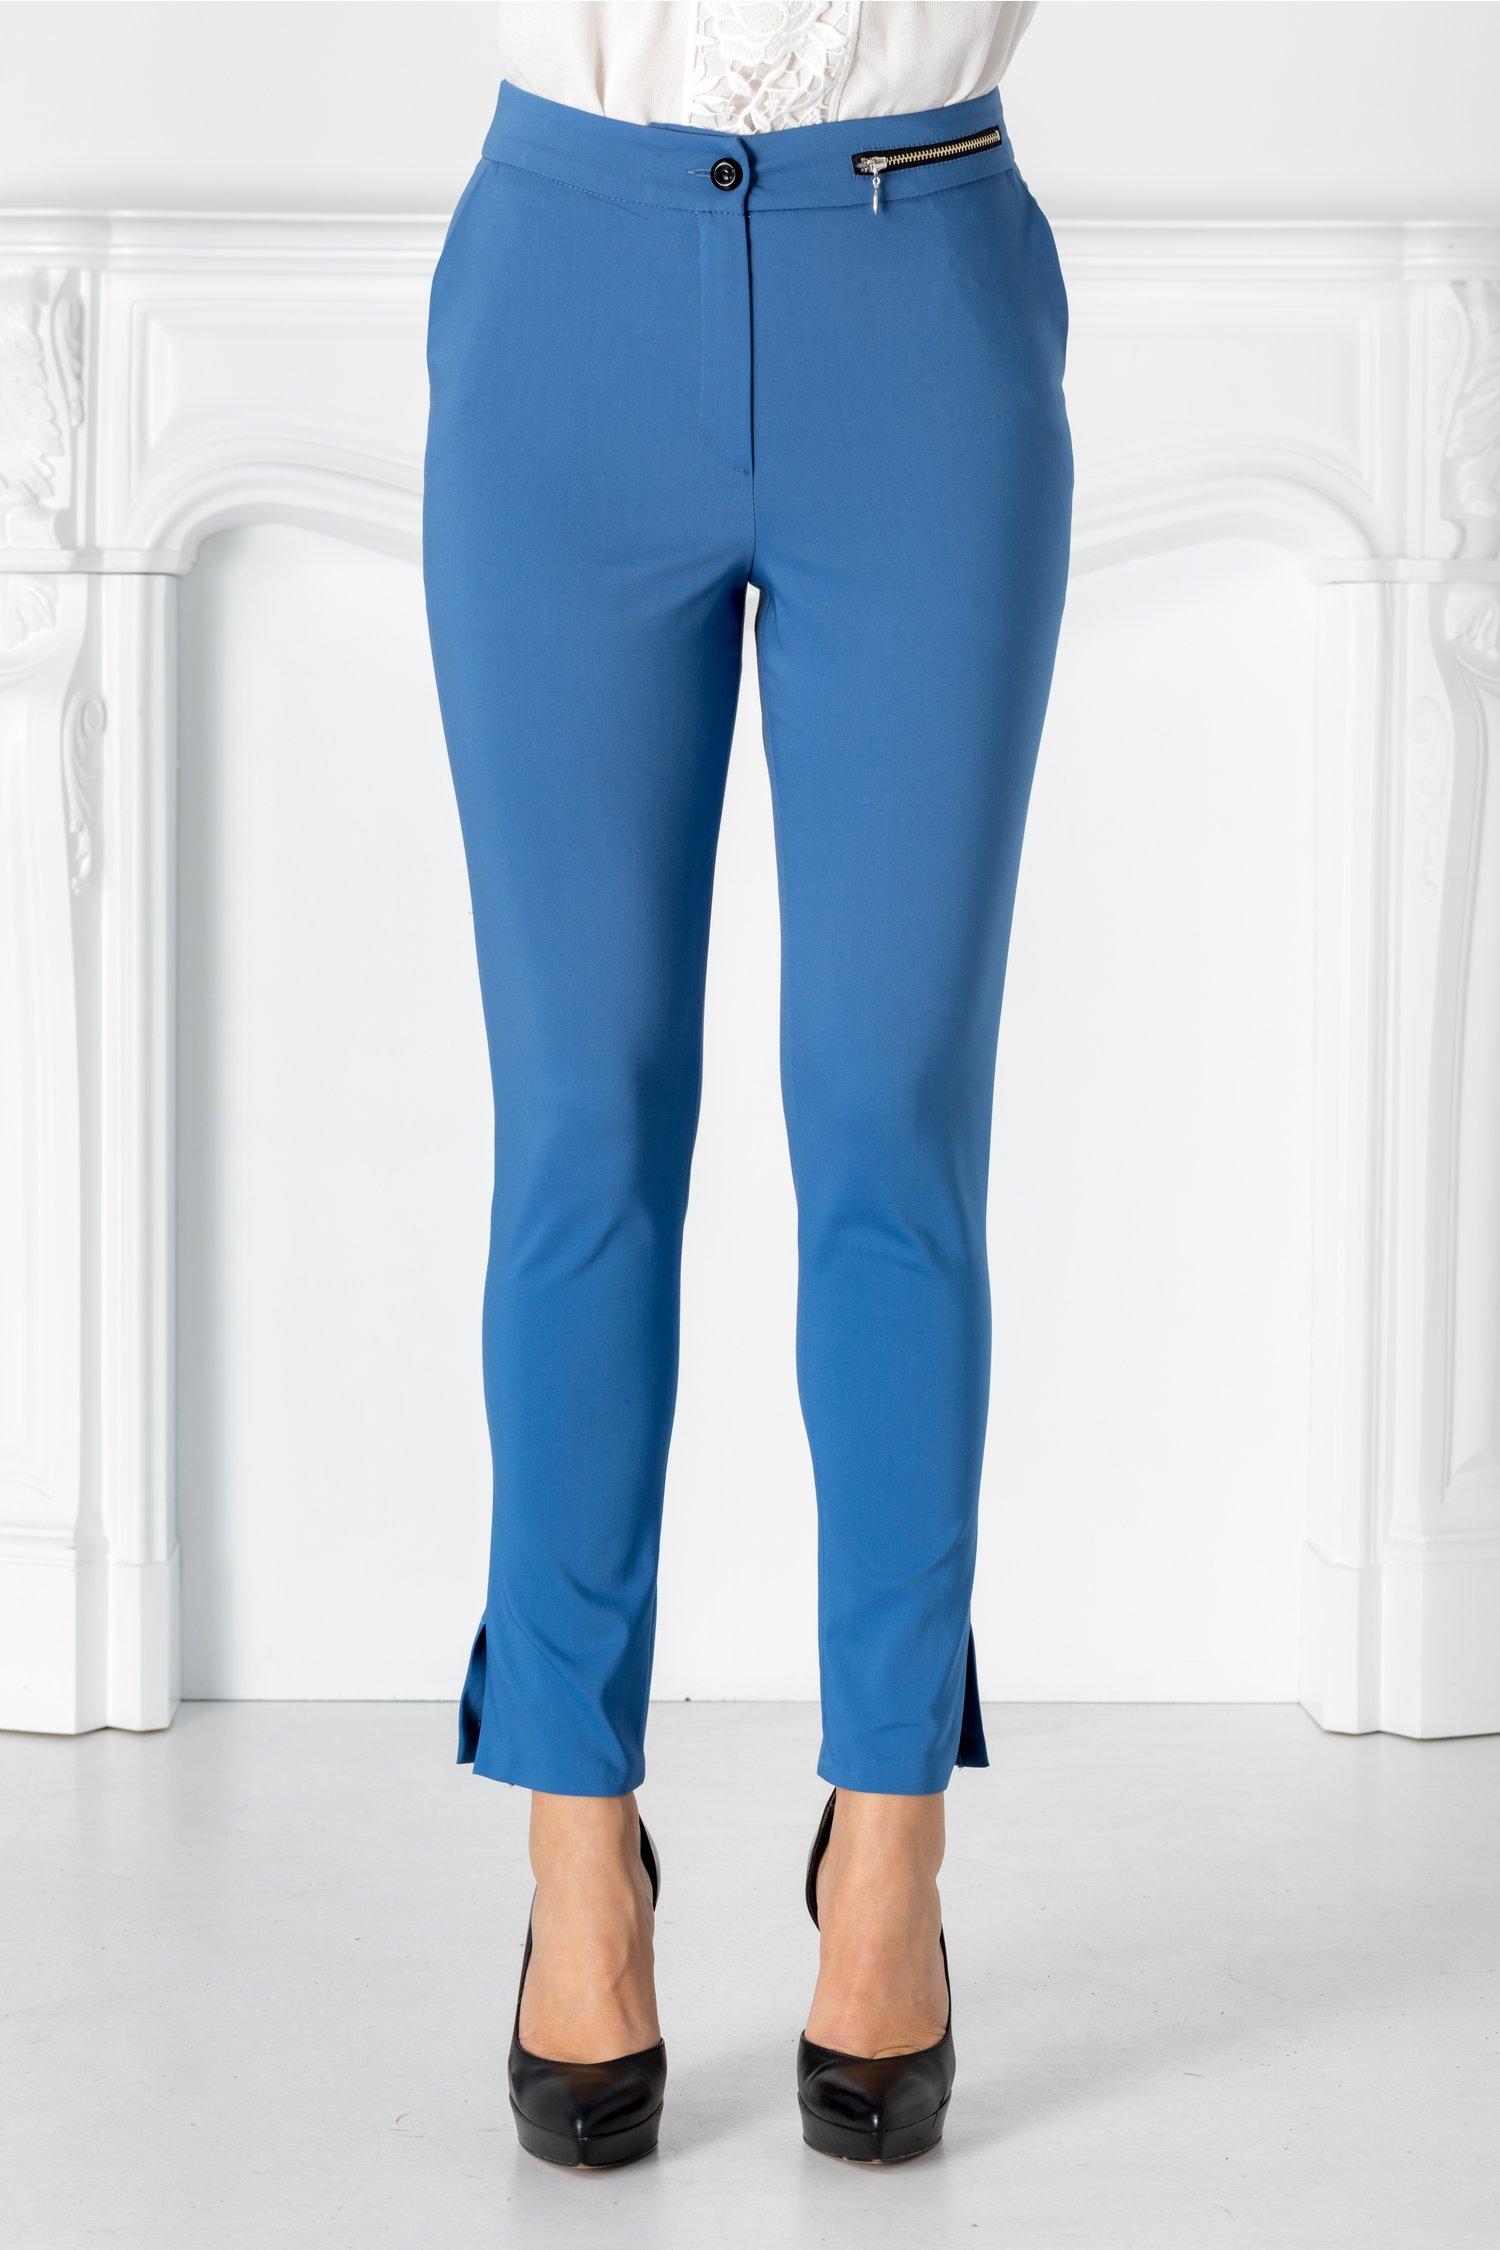 Pantaloni Moze albastri cu fermoar metalic thumbnail